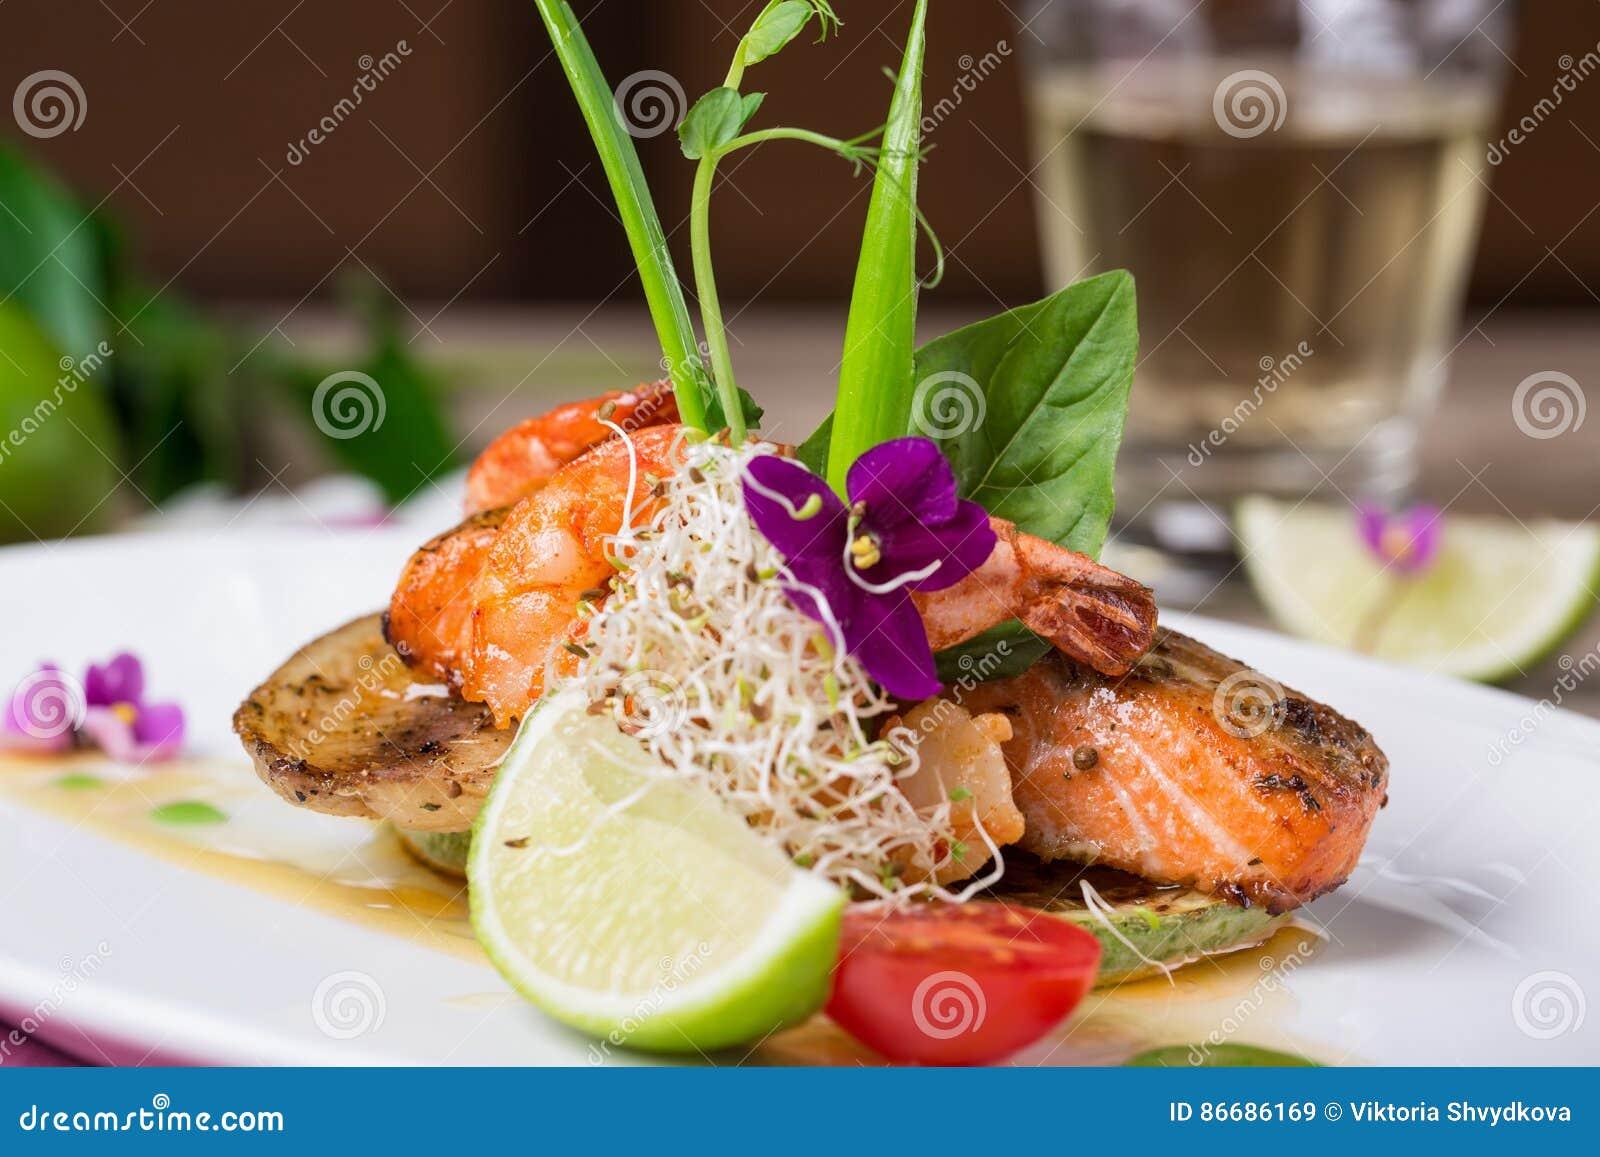 Ένα εύγευστο πιάτο του ψημένου στη σχάρα σολομού